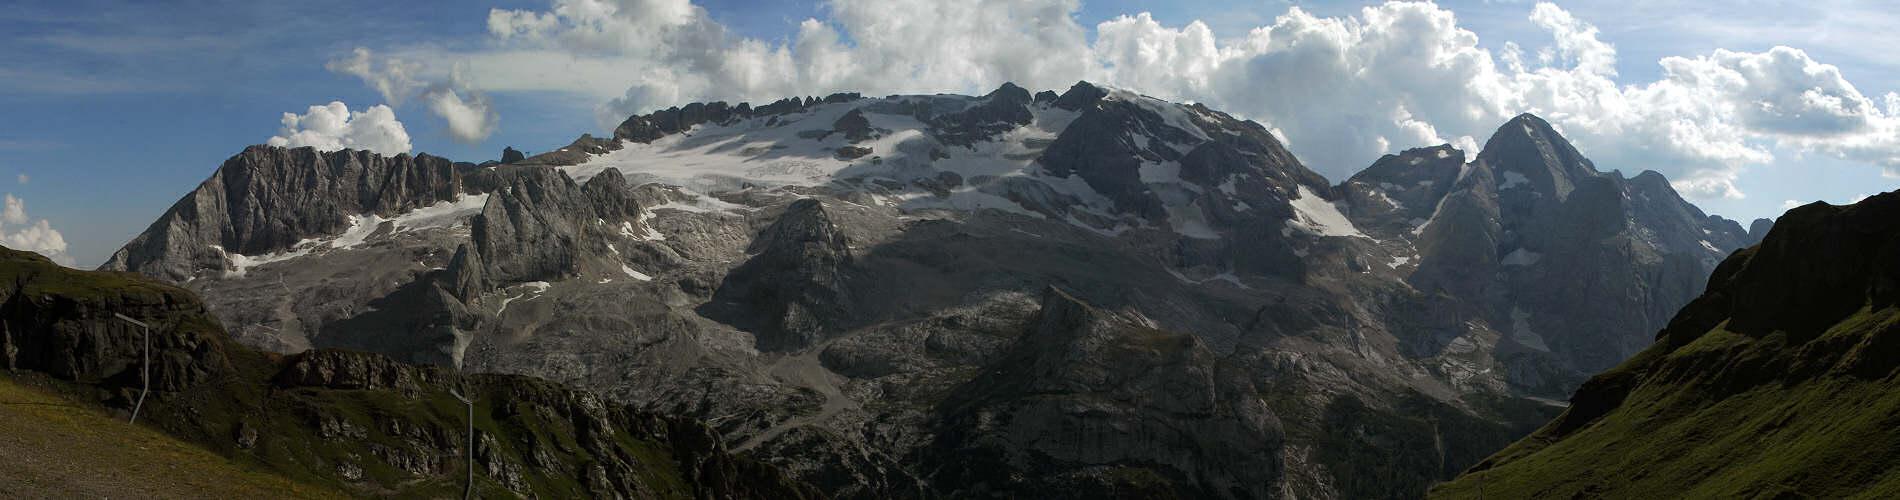 ... Porta Vescovo verso il ghiacciaio della Marmolada, foto panoramica: www.magicoveneto.it/Dolomiti/Marmolada/P01-Porta-Vescovo-vs...